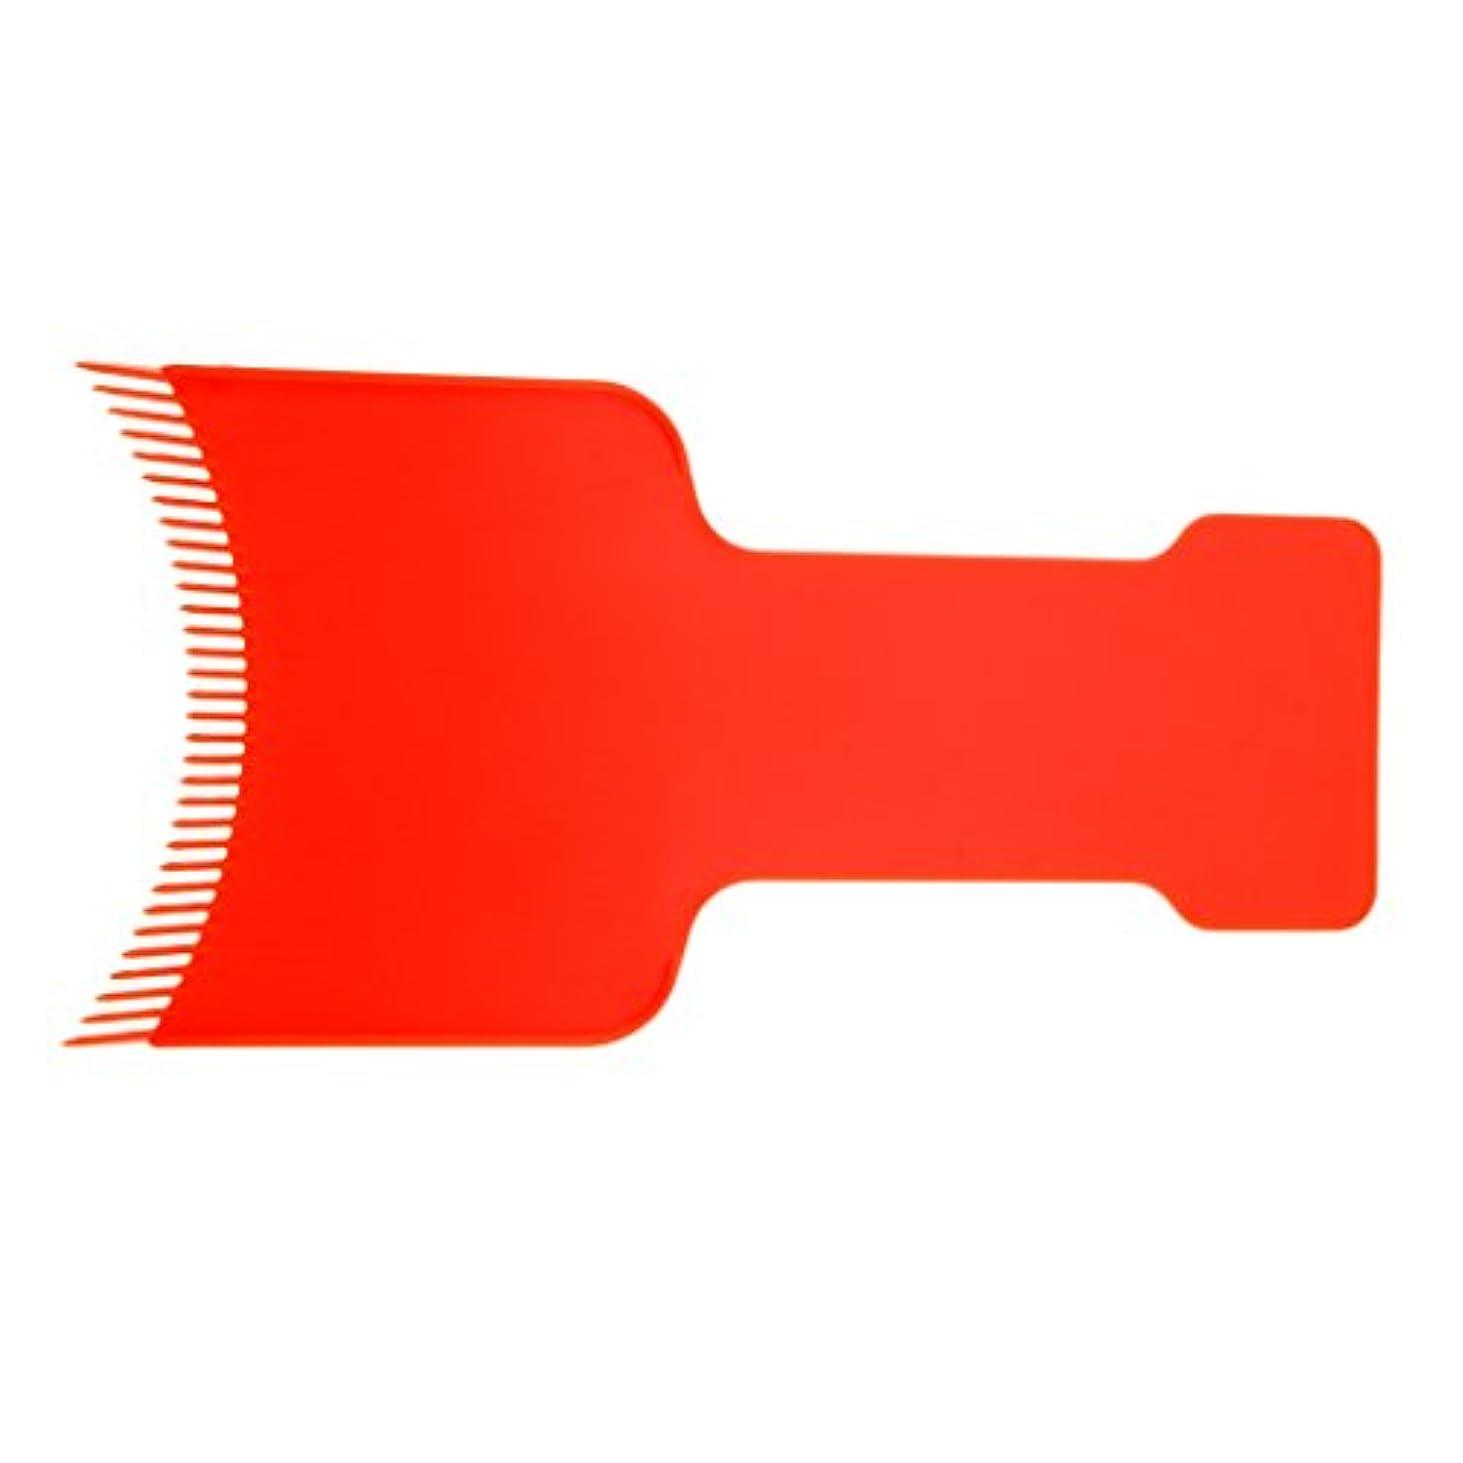 すみません層一生CUTICATE サロンヘアカラーボードヘアカラーティントプレート理髪美容美容 健康